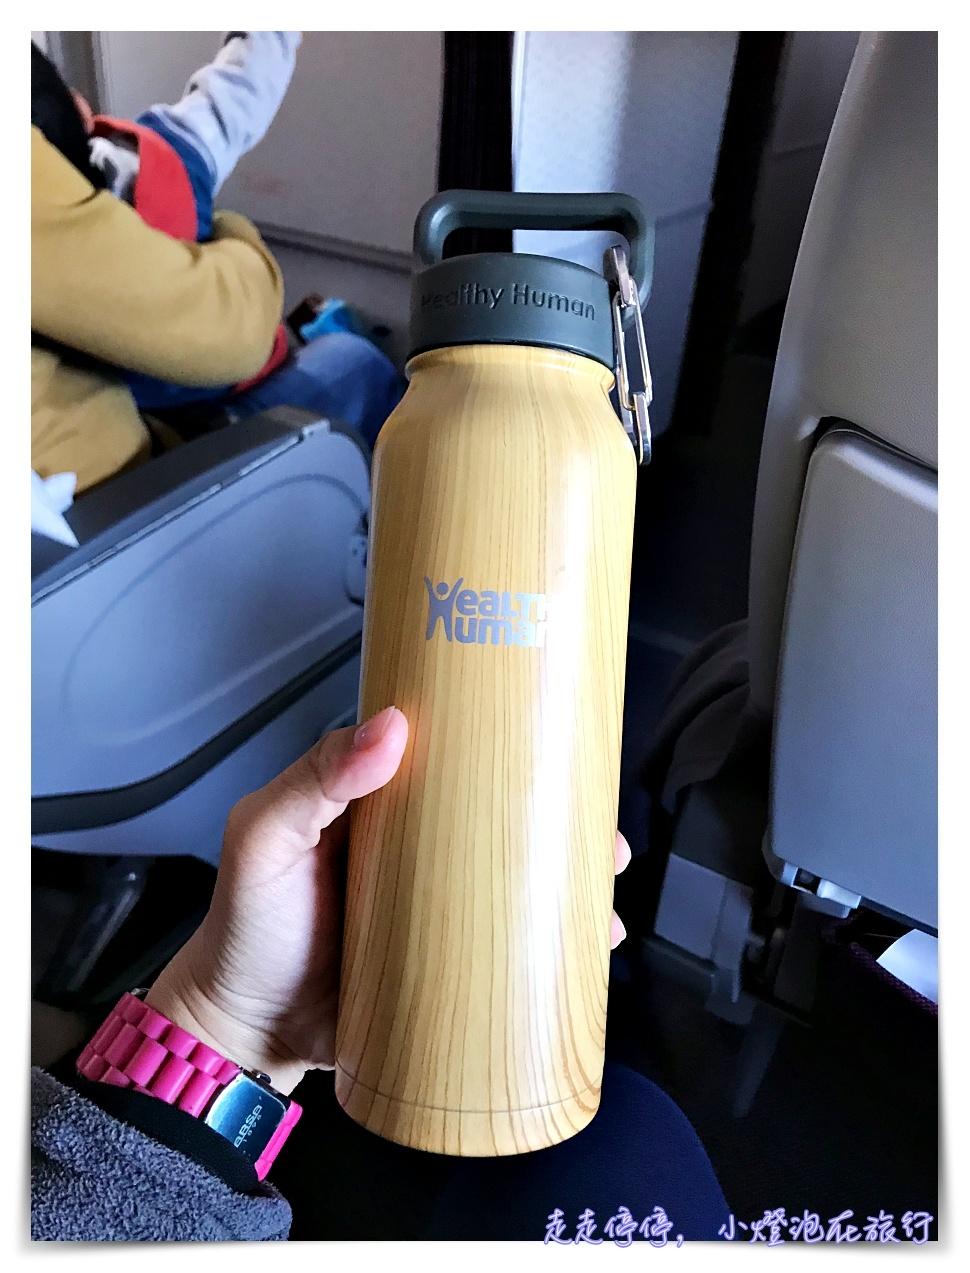 限時團購|Healthy Human旅行水壺超推薦,用過一年親身感受,保溫保冷度絕佳、材質輕、可裝咖啡冷飲、旅行各地都推薦~